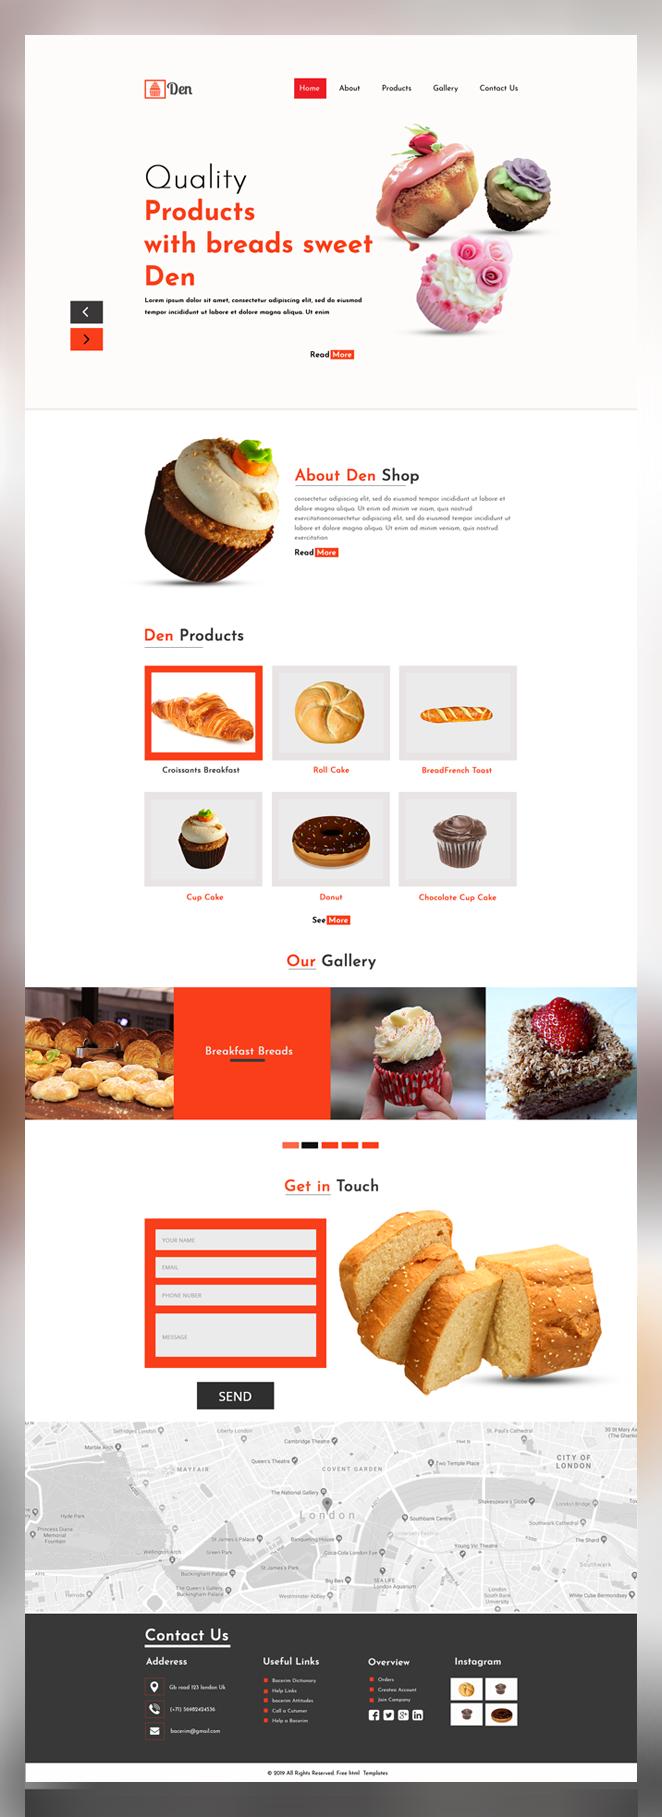 Den free bakery shop psd template